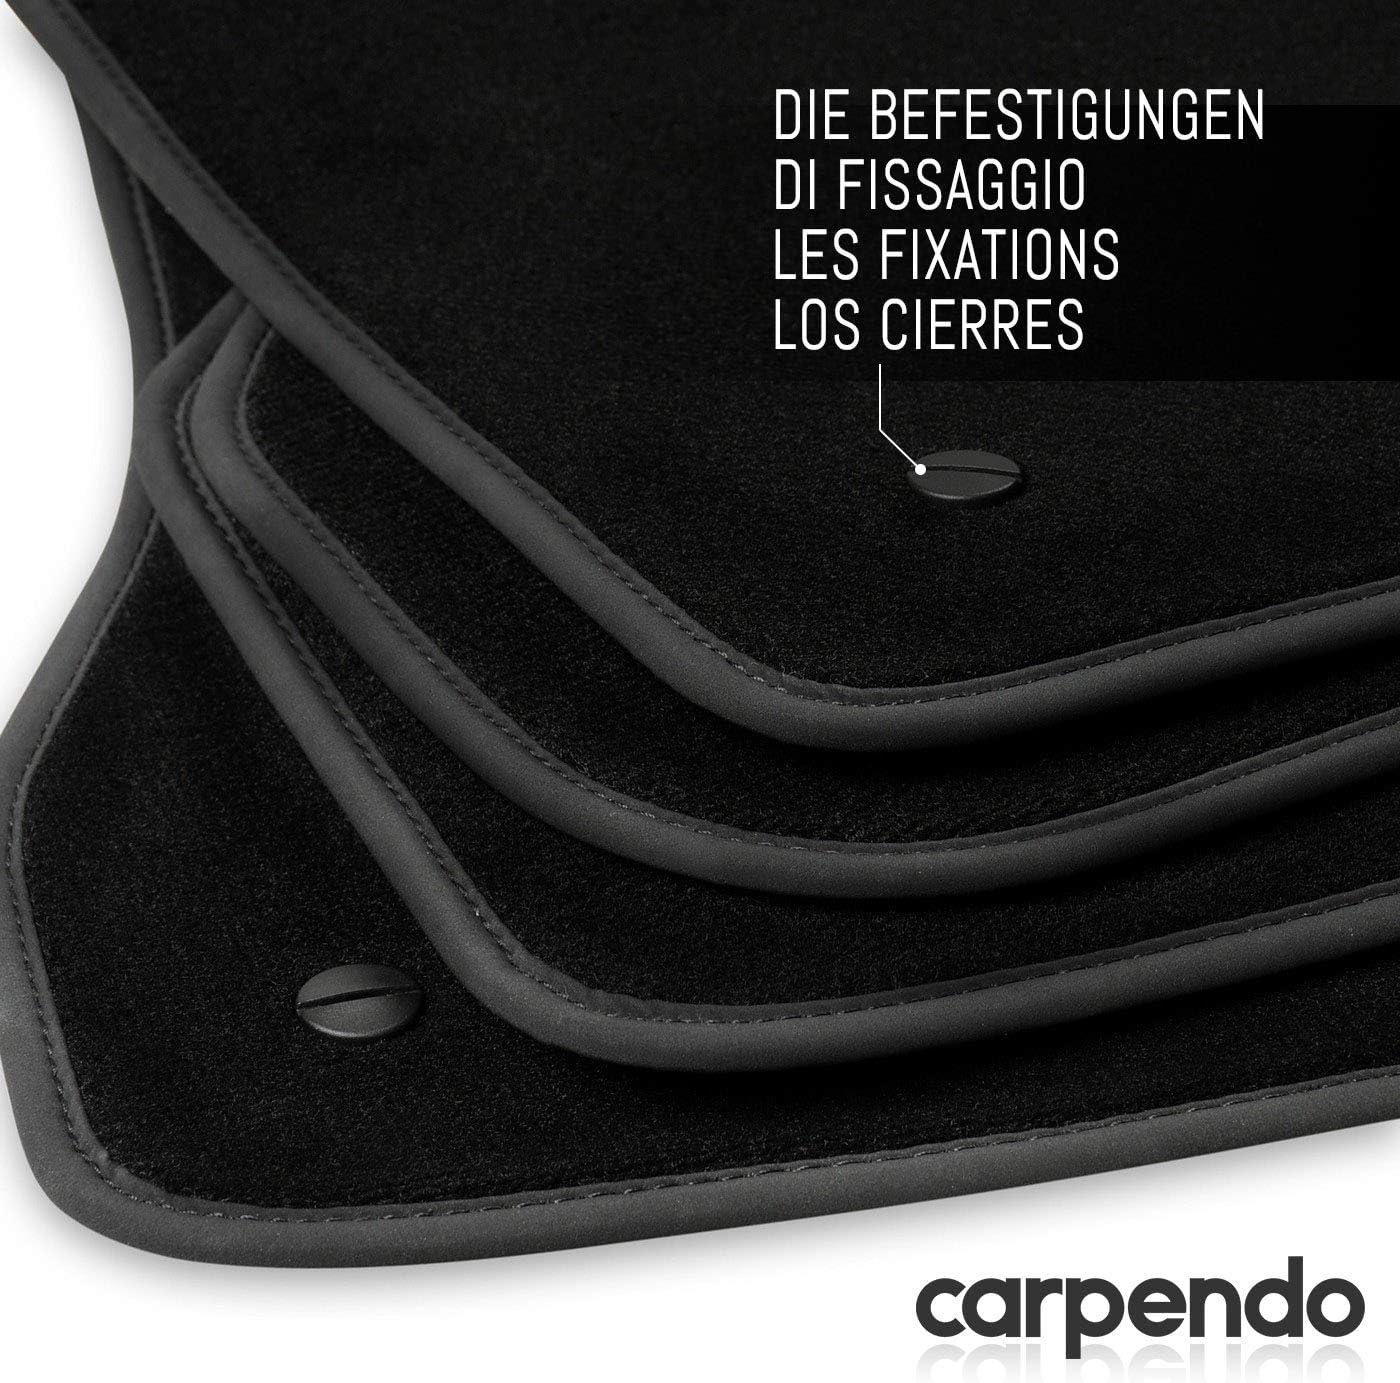 Befestigung Set 4-teilig Carpendo 2905 Fu/ßmatten Auto Velours Autoteppiche Schwarz Automatten rutschfest inkl